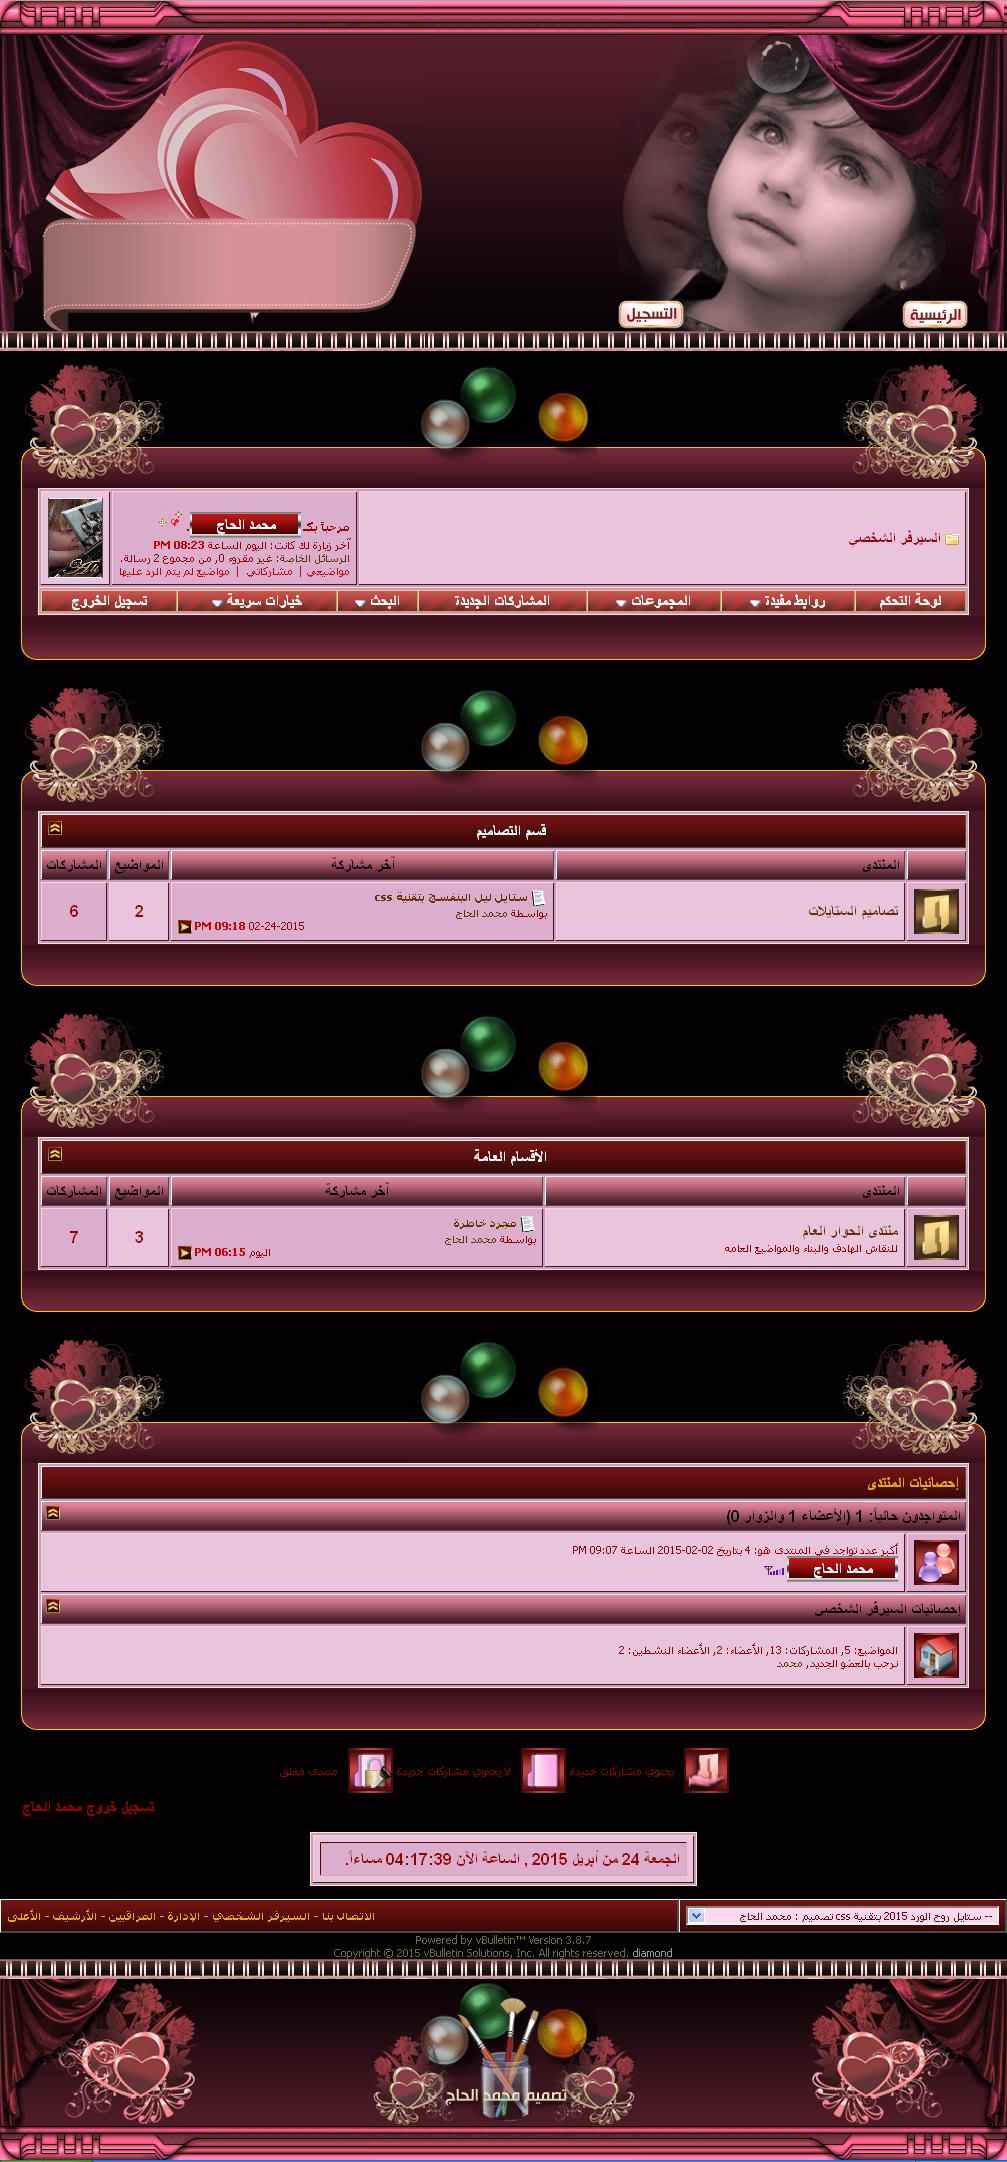 ستايل الورد بتقنية إصدار 2015